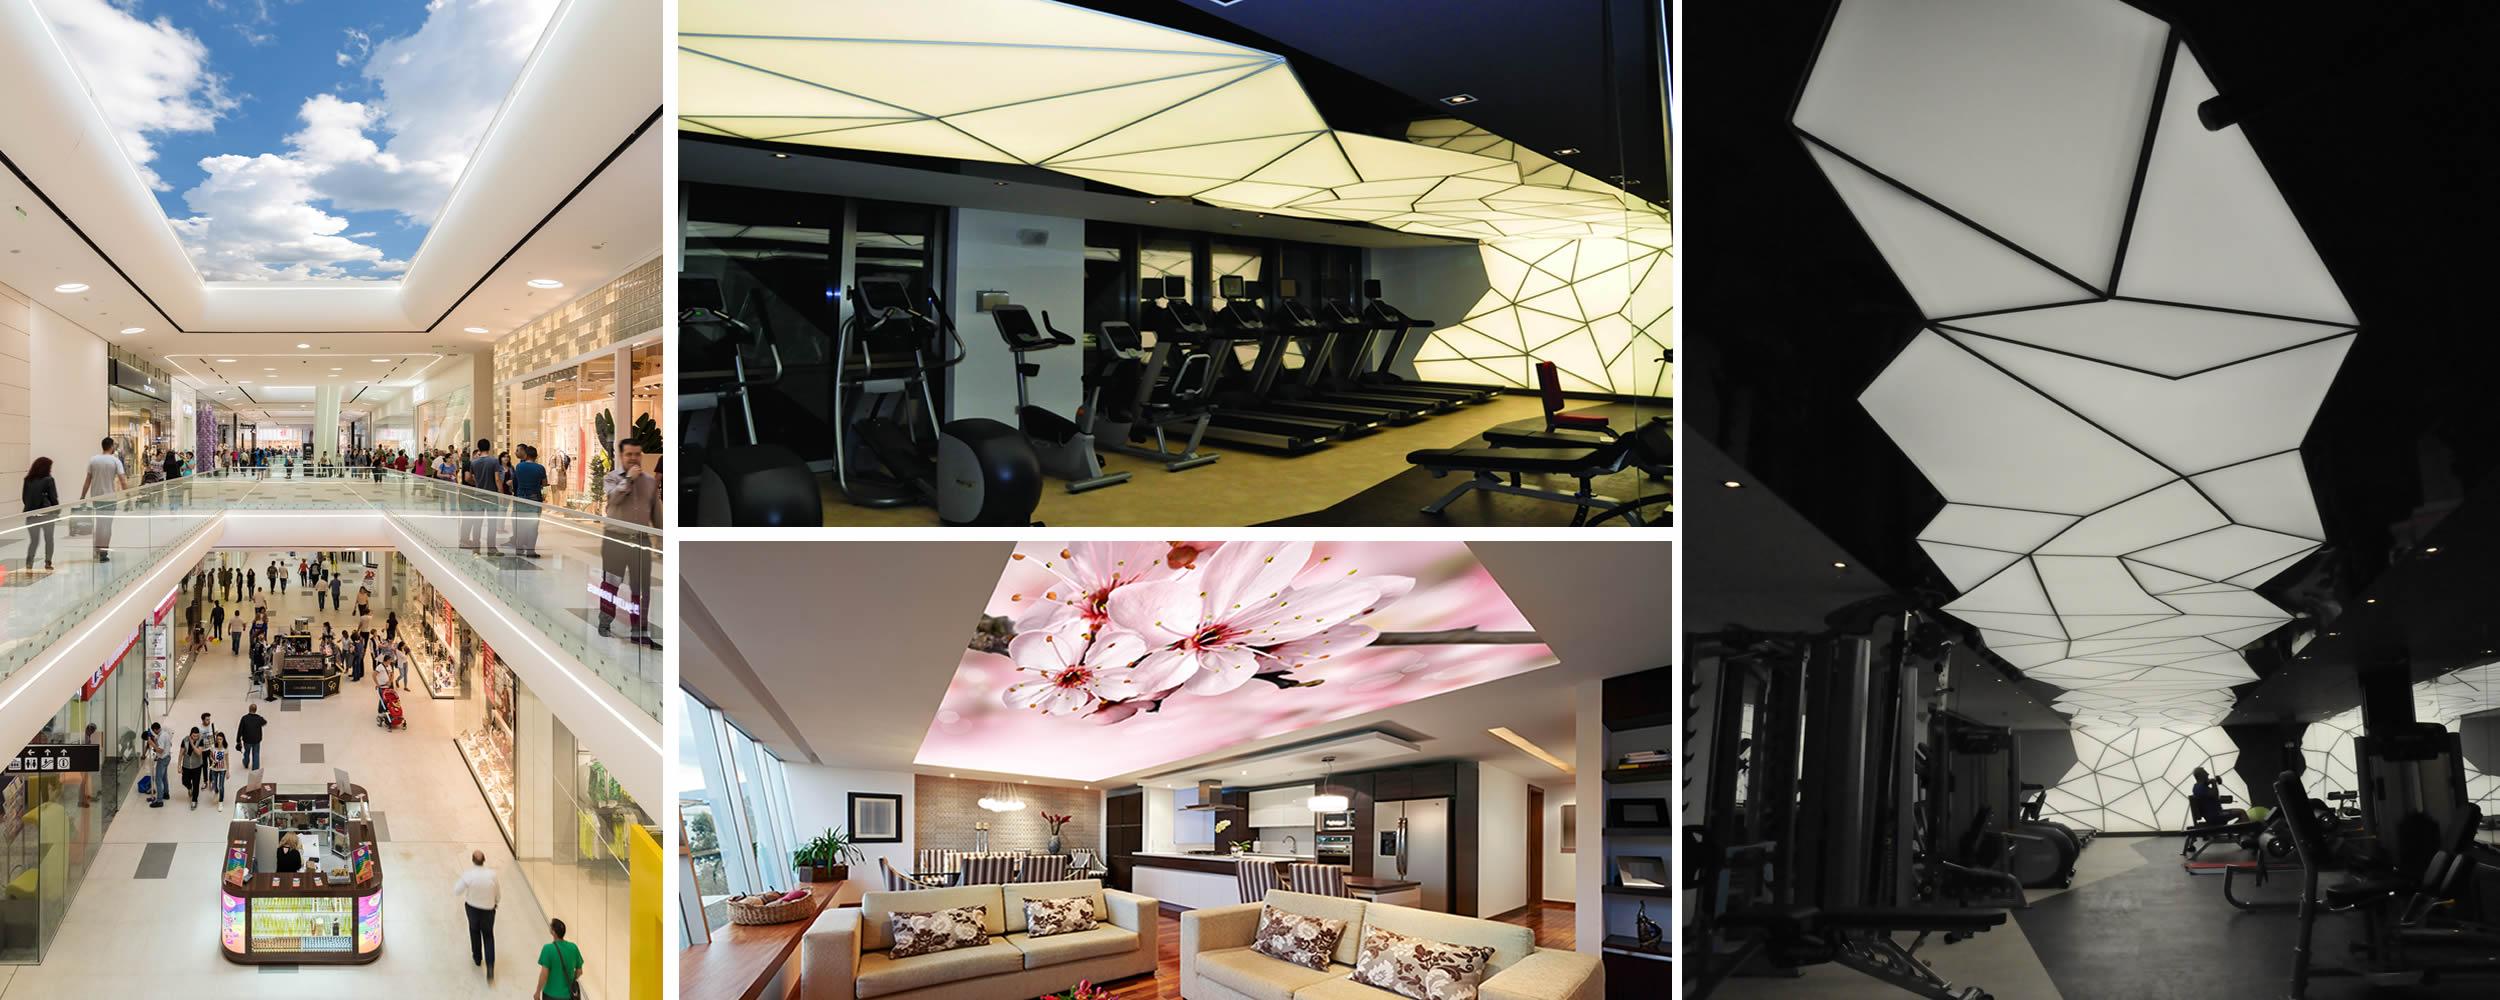 gergi tavanda yenilikler, gergi tavan yenilikleri